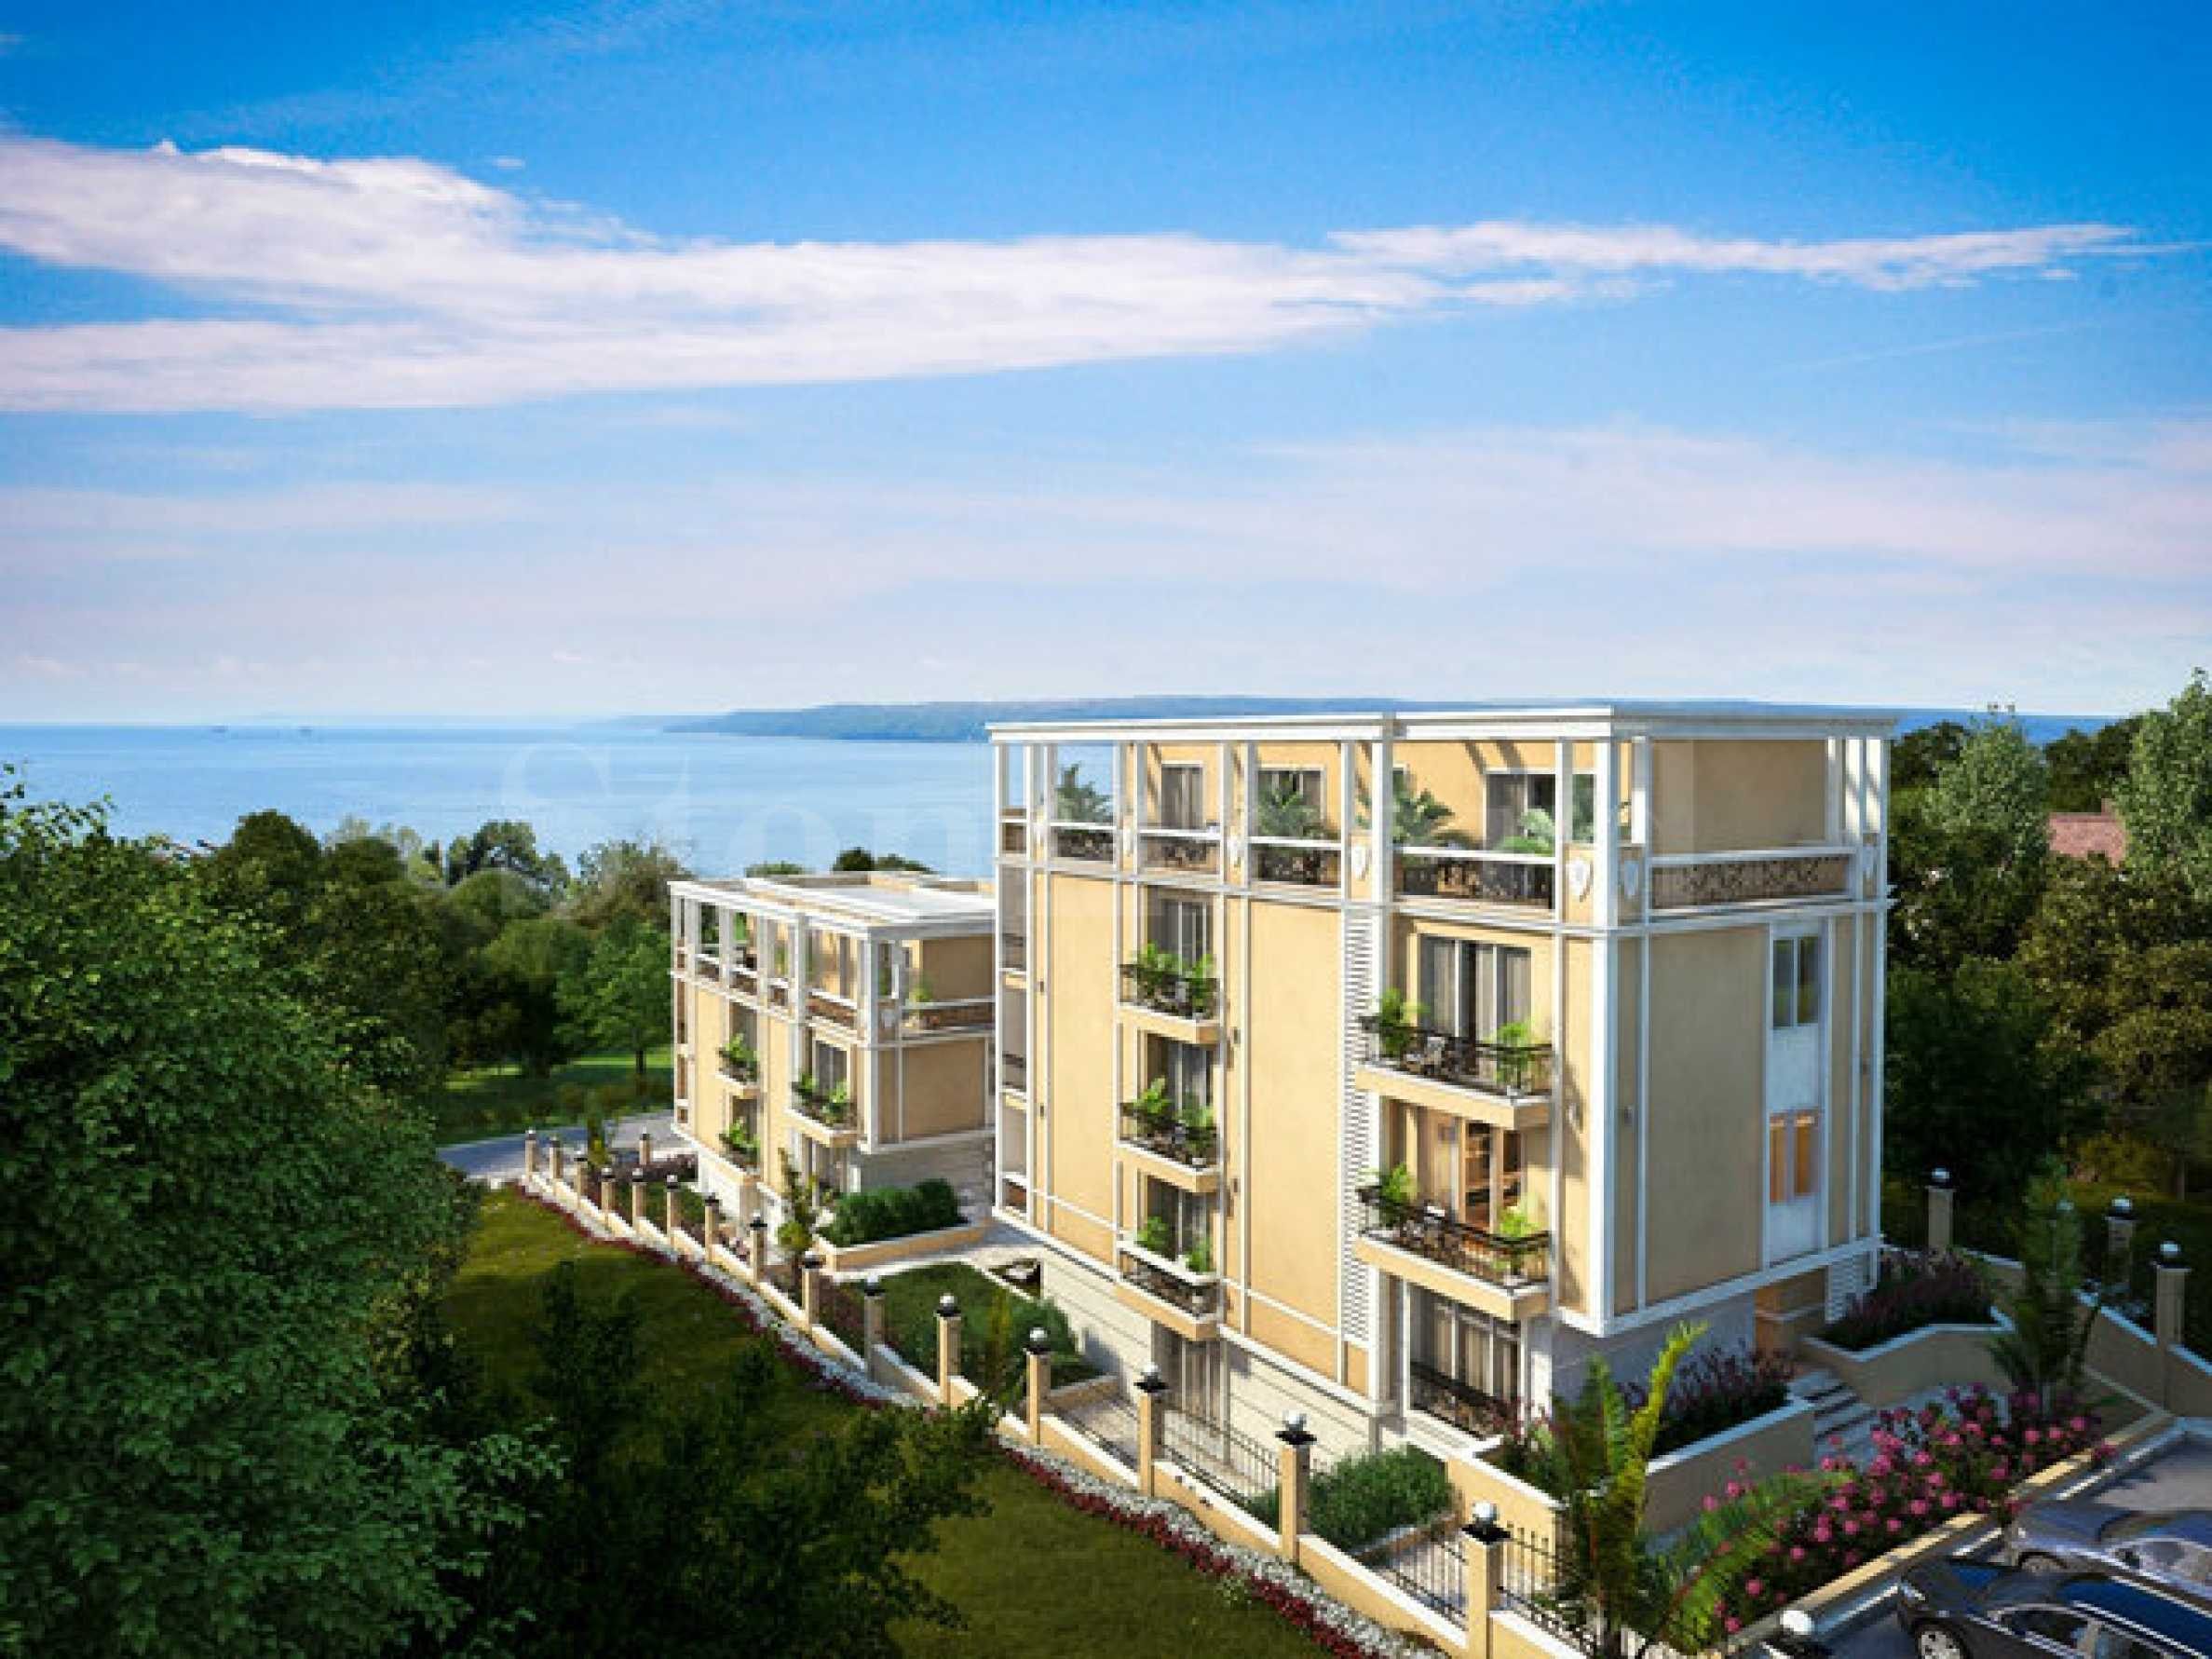 Апартаменти в разкошен нов комплекс до резиденция Евксиноград2 - Stonehard